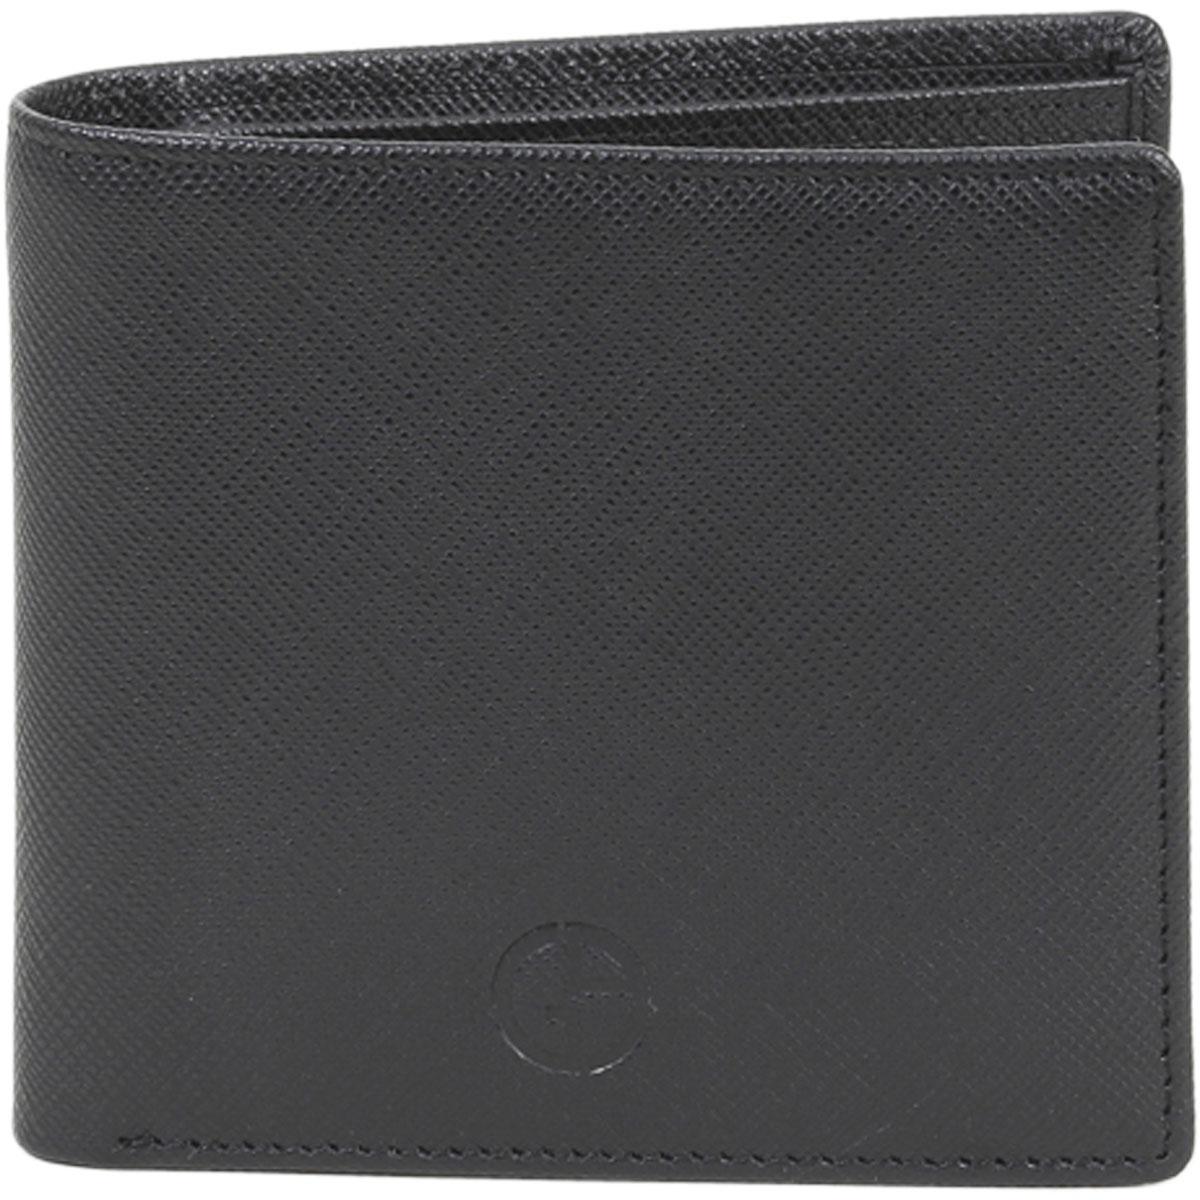 Image of Giorgio Armani Men's Portafoglio Classico Genuine Leather Bi Fold Wallet - Black